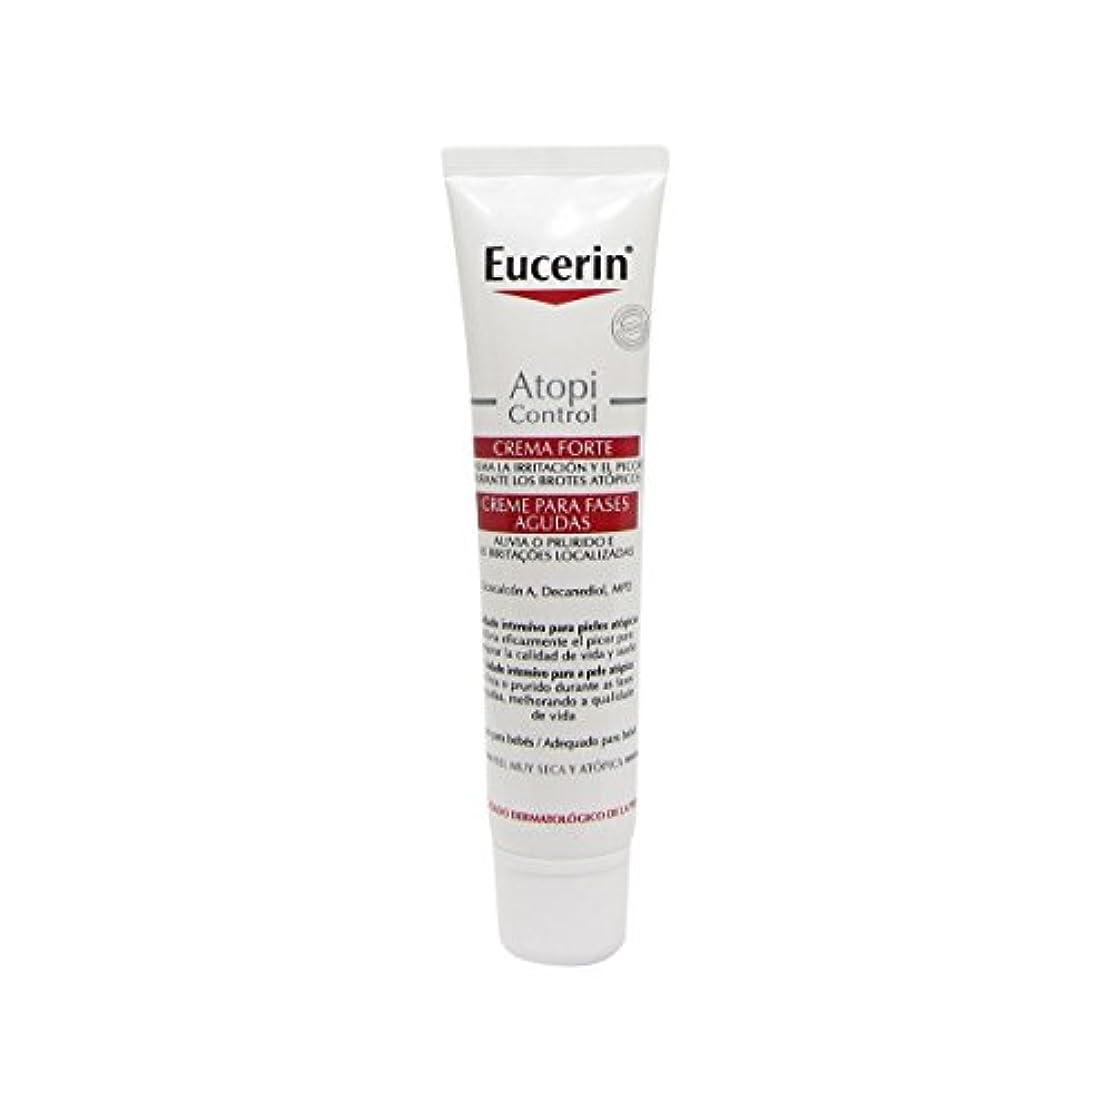 閲覧するファイター交換Eucerin Atopicontrol Acute Care Cream 40ml [並行輸入品]